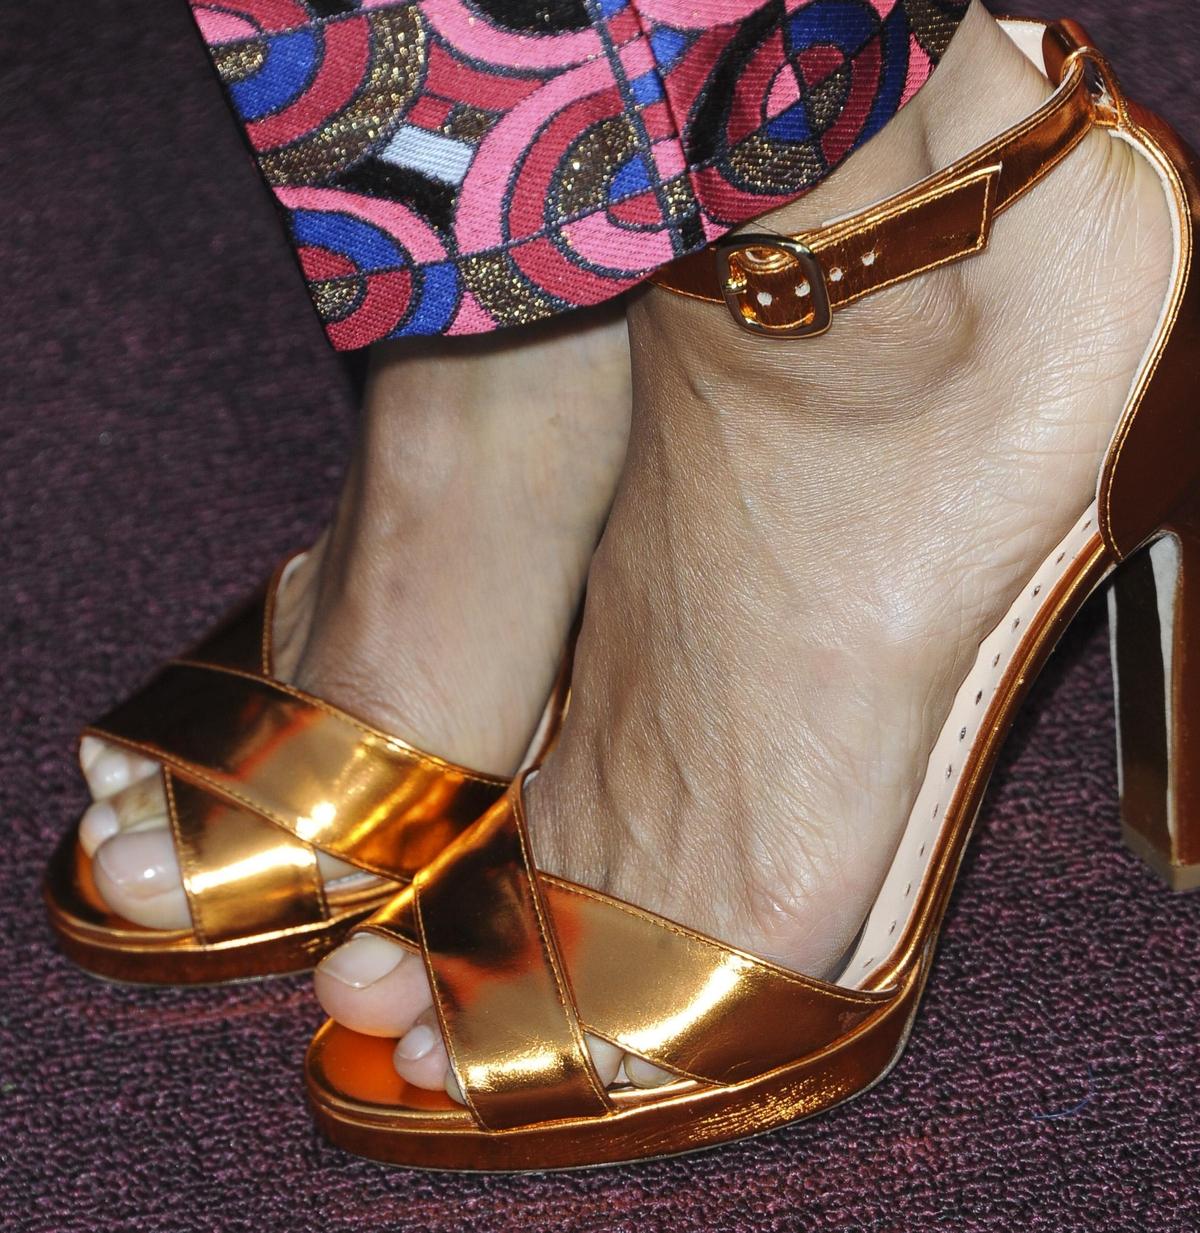 Thandie Newton's feet